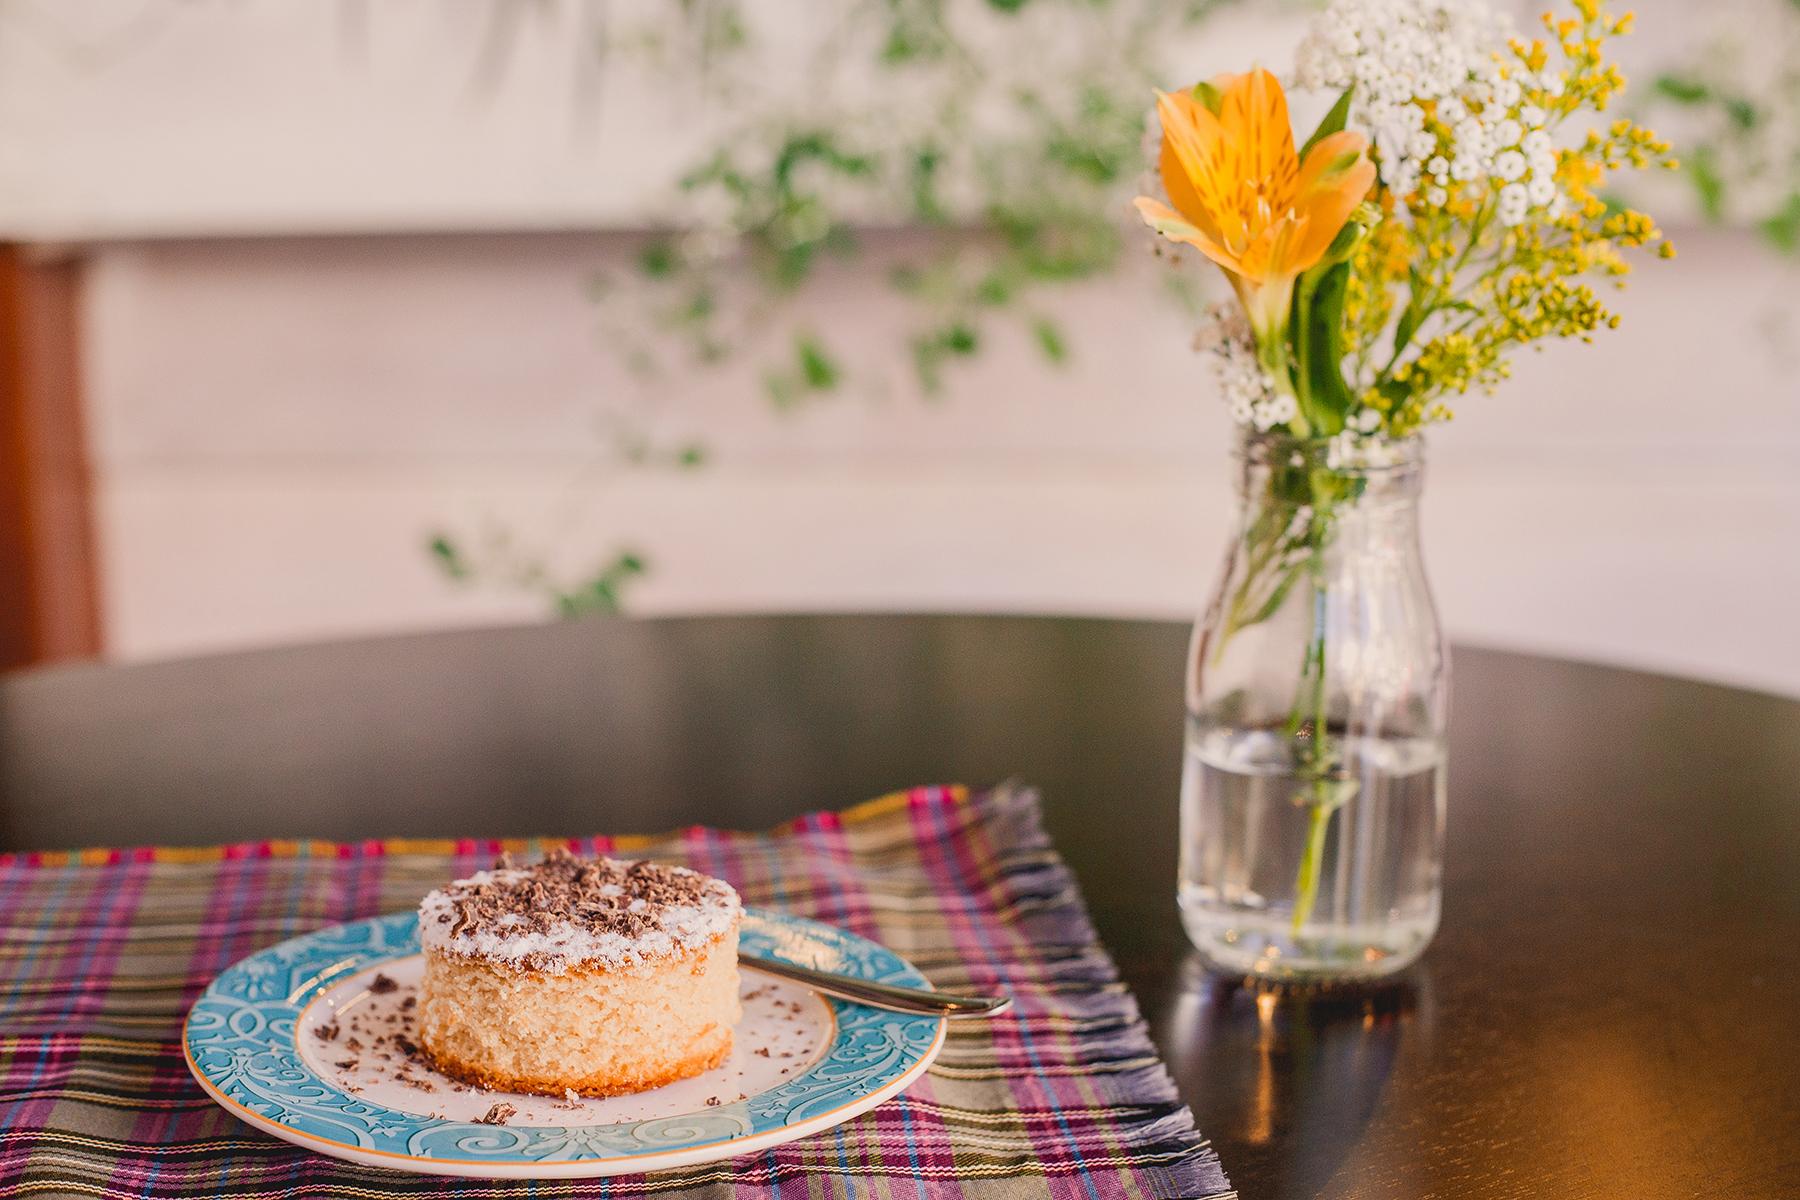 Mini cake de baunilha